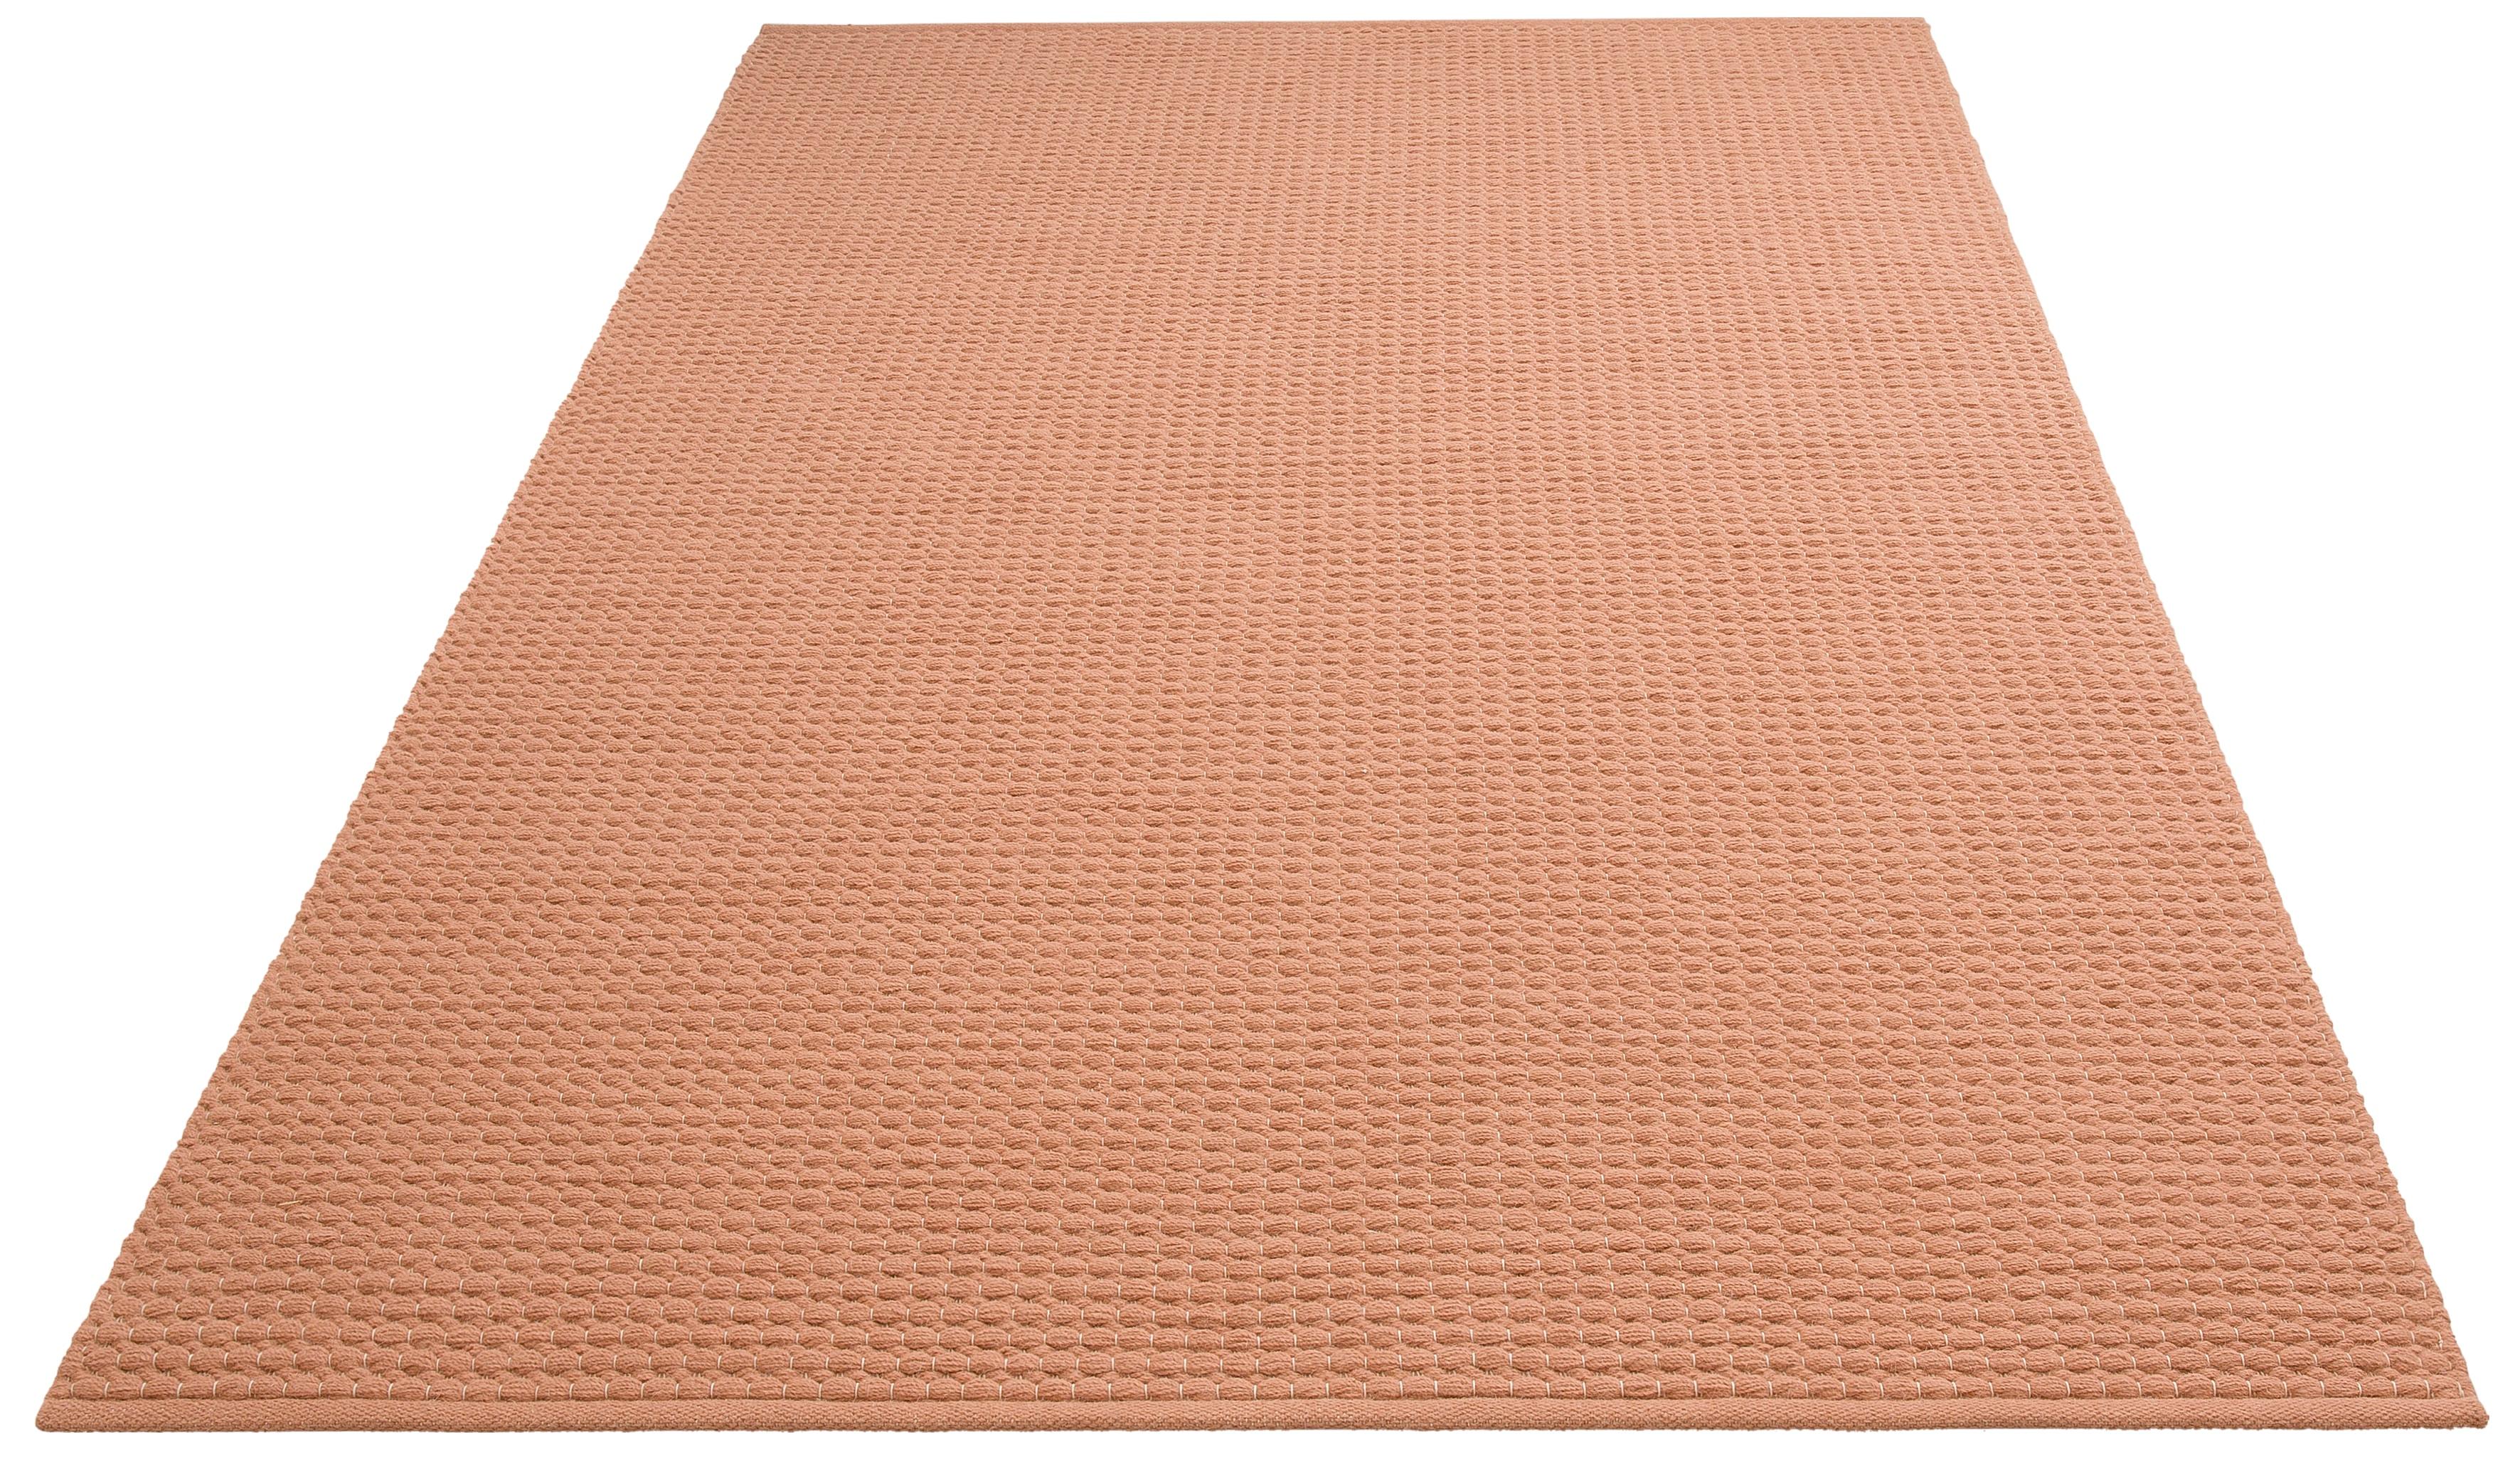 DELAVITA Teppich Sanara, rechteckig, 13 mm Höhe, Strickoptik, Wohnzimmer rosa Esszimmerteppiche Teppiche nach Räumen